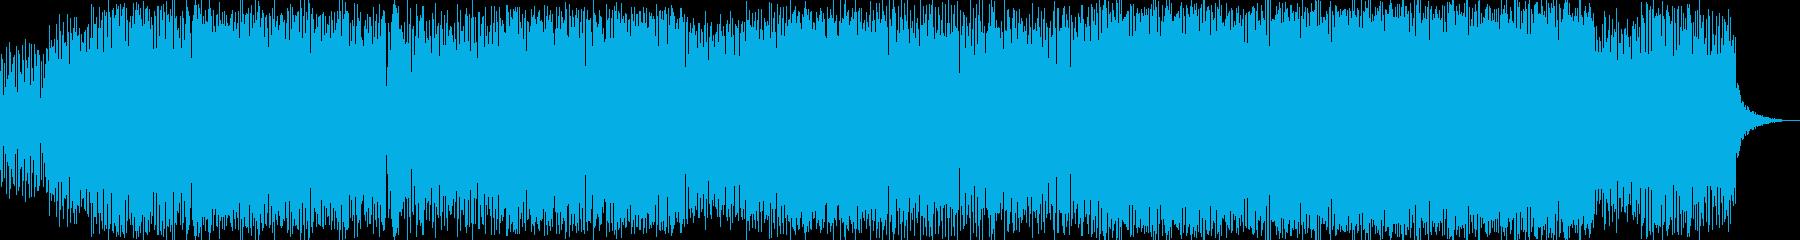 サンバ的リズムのコミカルなビッグビートの再生済みの波形